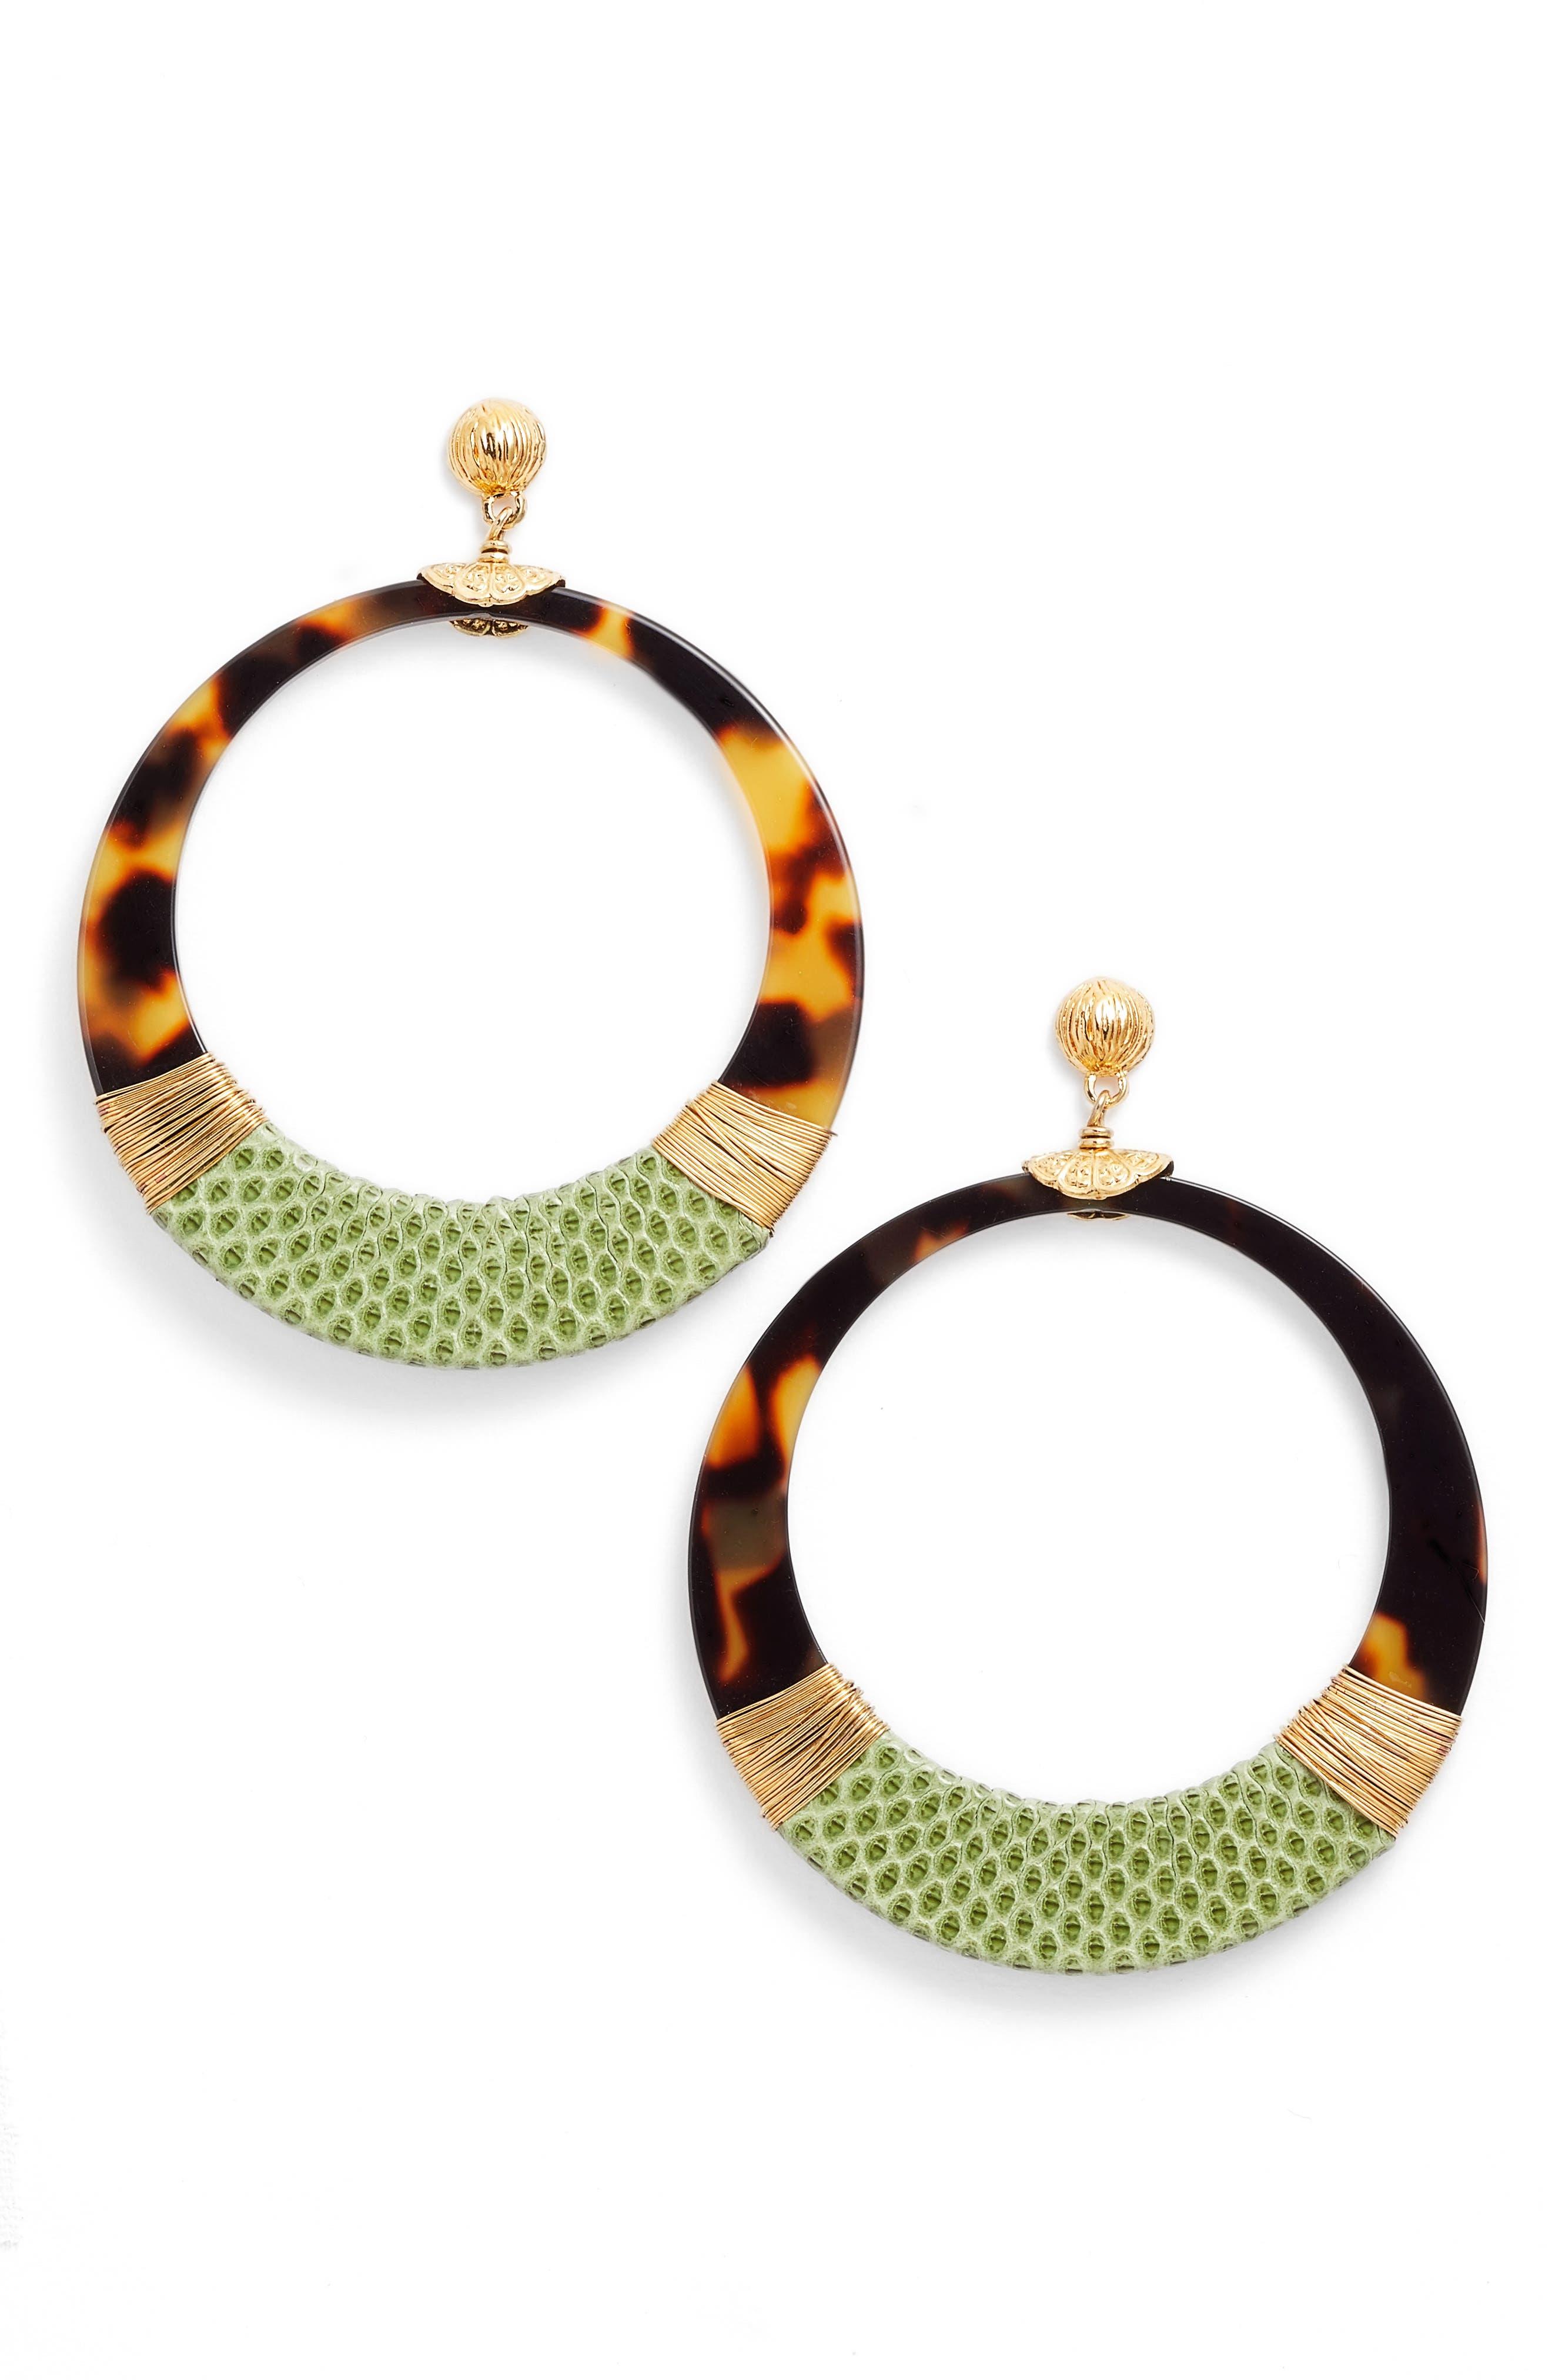 Lodge Genuine Snakeskin Wrapped Hoop Earrings,                             Main thumbnail 1, color,                             GREEEN/ TIGE